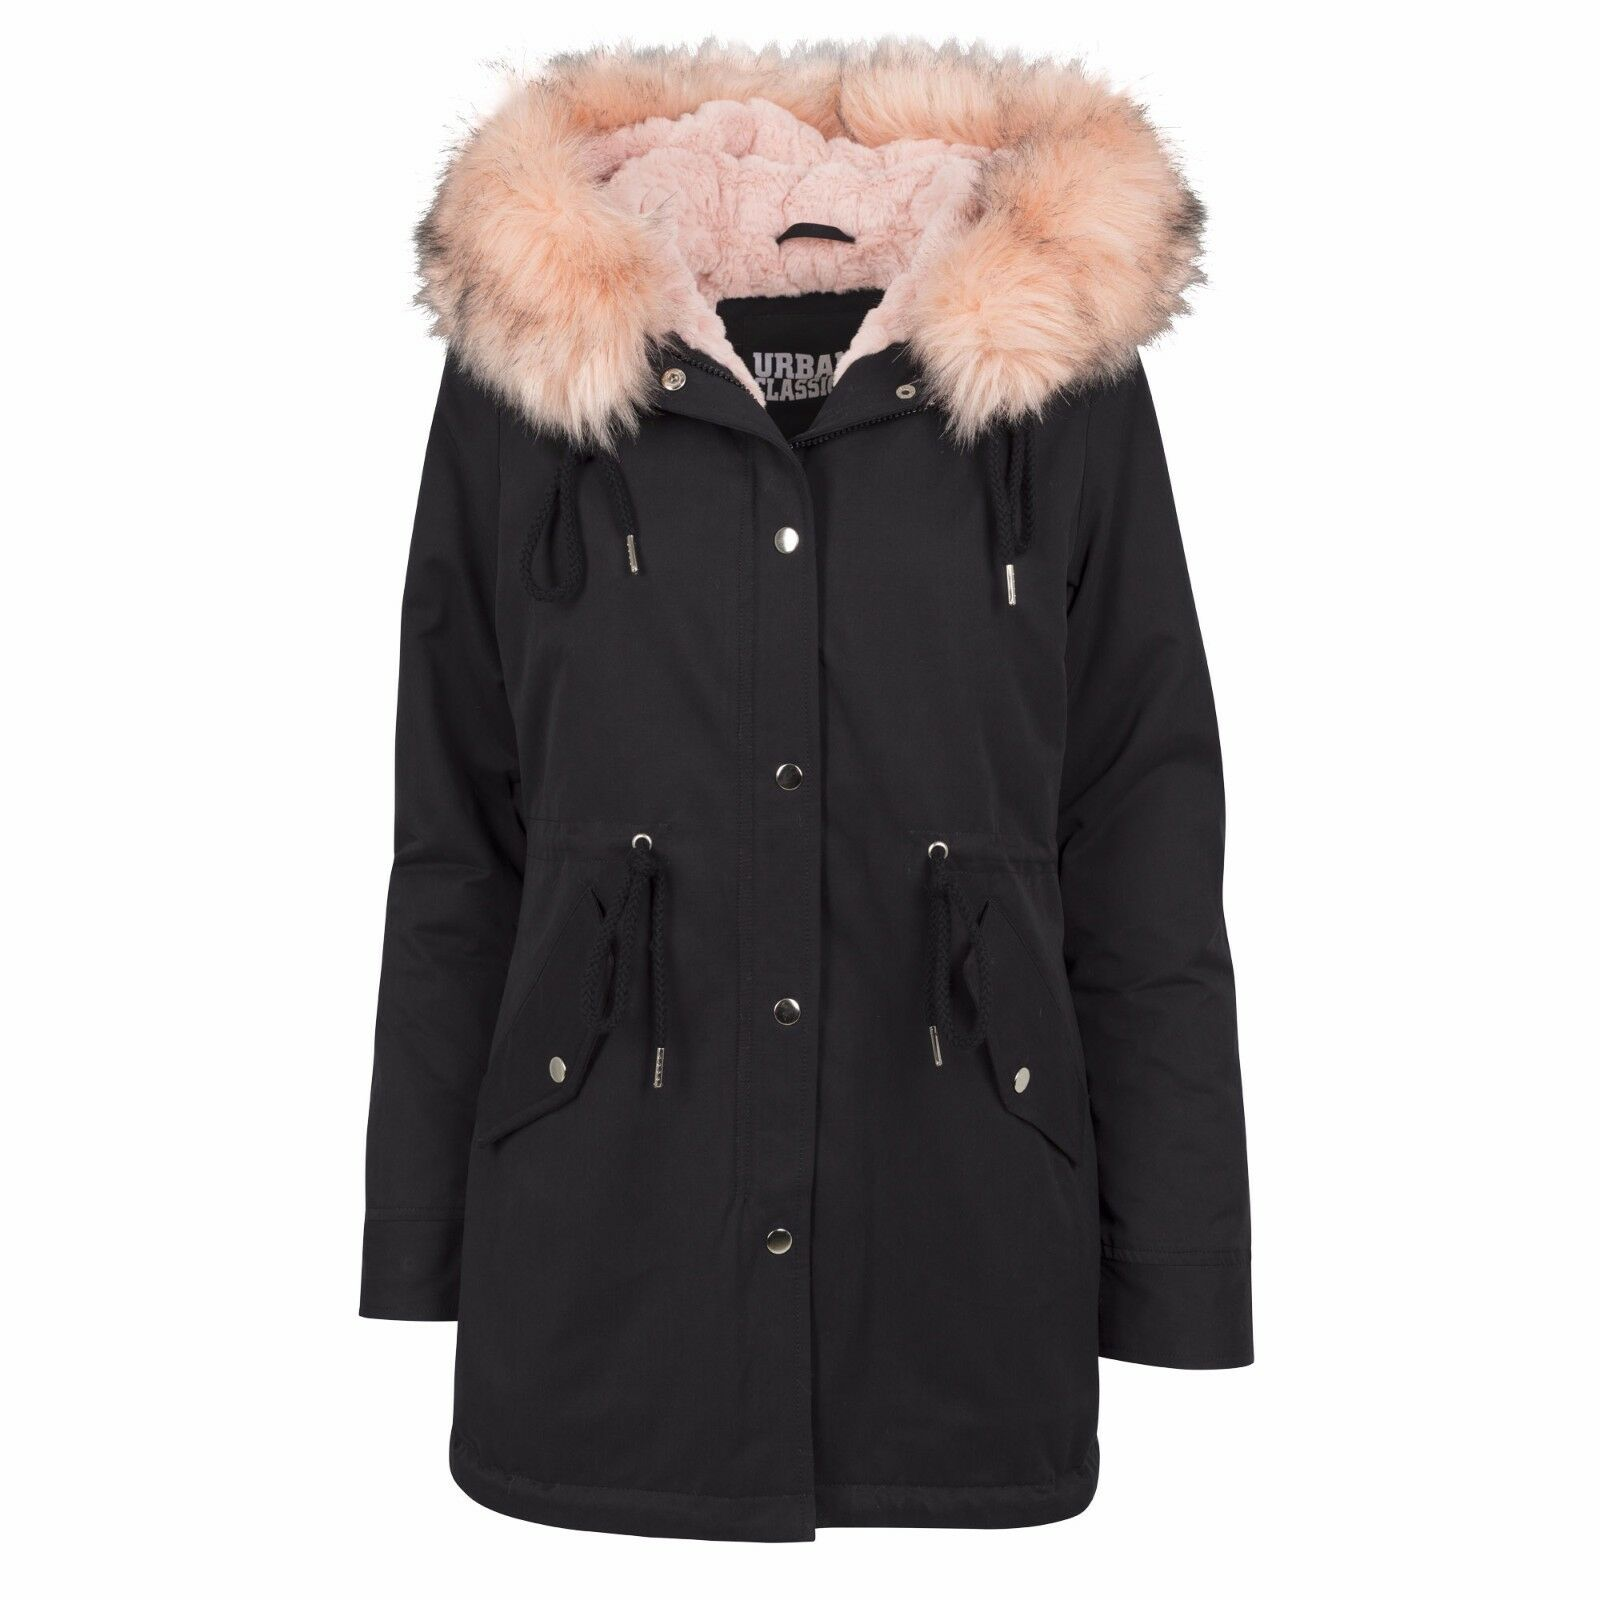 Urban Classics Bélés Női kabát Parka kabát kabát Téli Női dzseki Hangulatos  bélés Hood XS - XLsablon - urbandreamzltd e0fb37136b